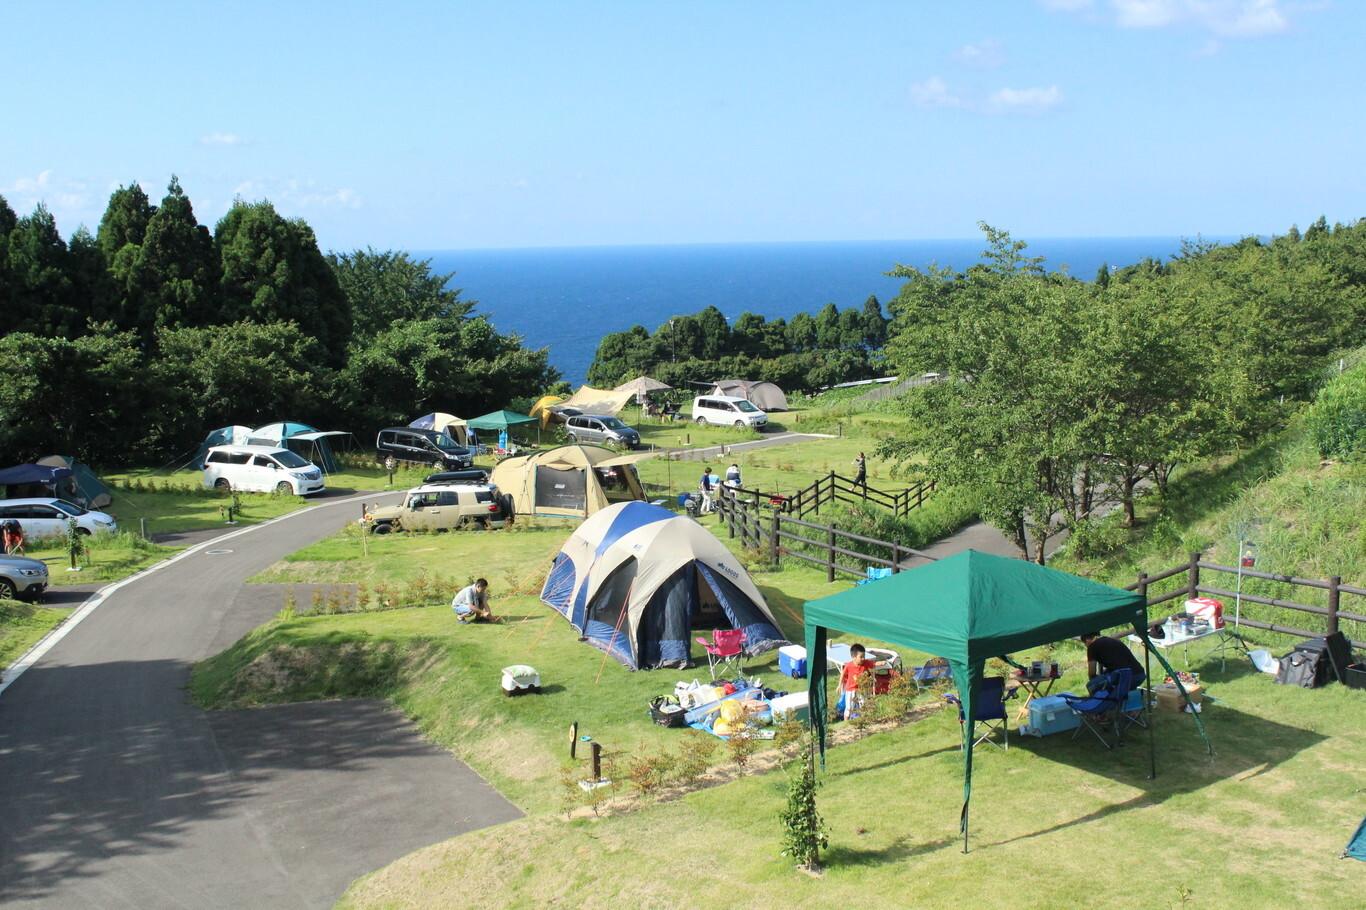 ガラガラ山キャンプ場 SPA&CAMP の公式写真c8346